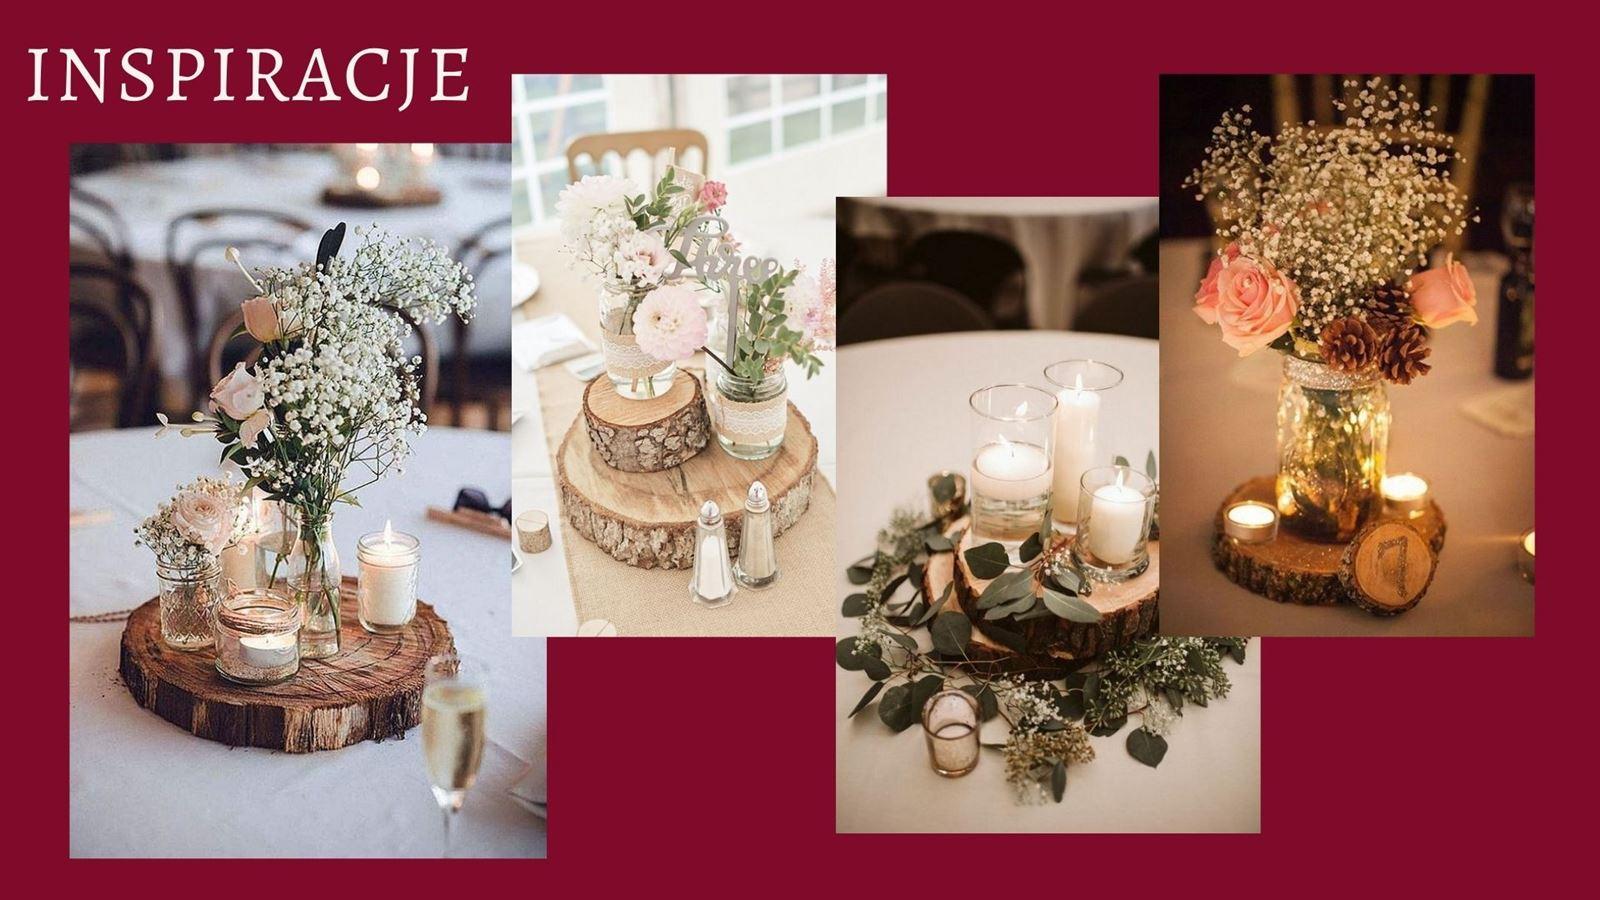 5 weselne diy wedding decoration ideas pomysły jak tanio udekorować zrobić samemu dekoracje na salę weselna na stol dla gosci co kupic male bukiety na stoly weselne dodatki tanie dekoracje na slub